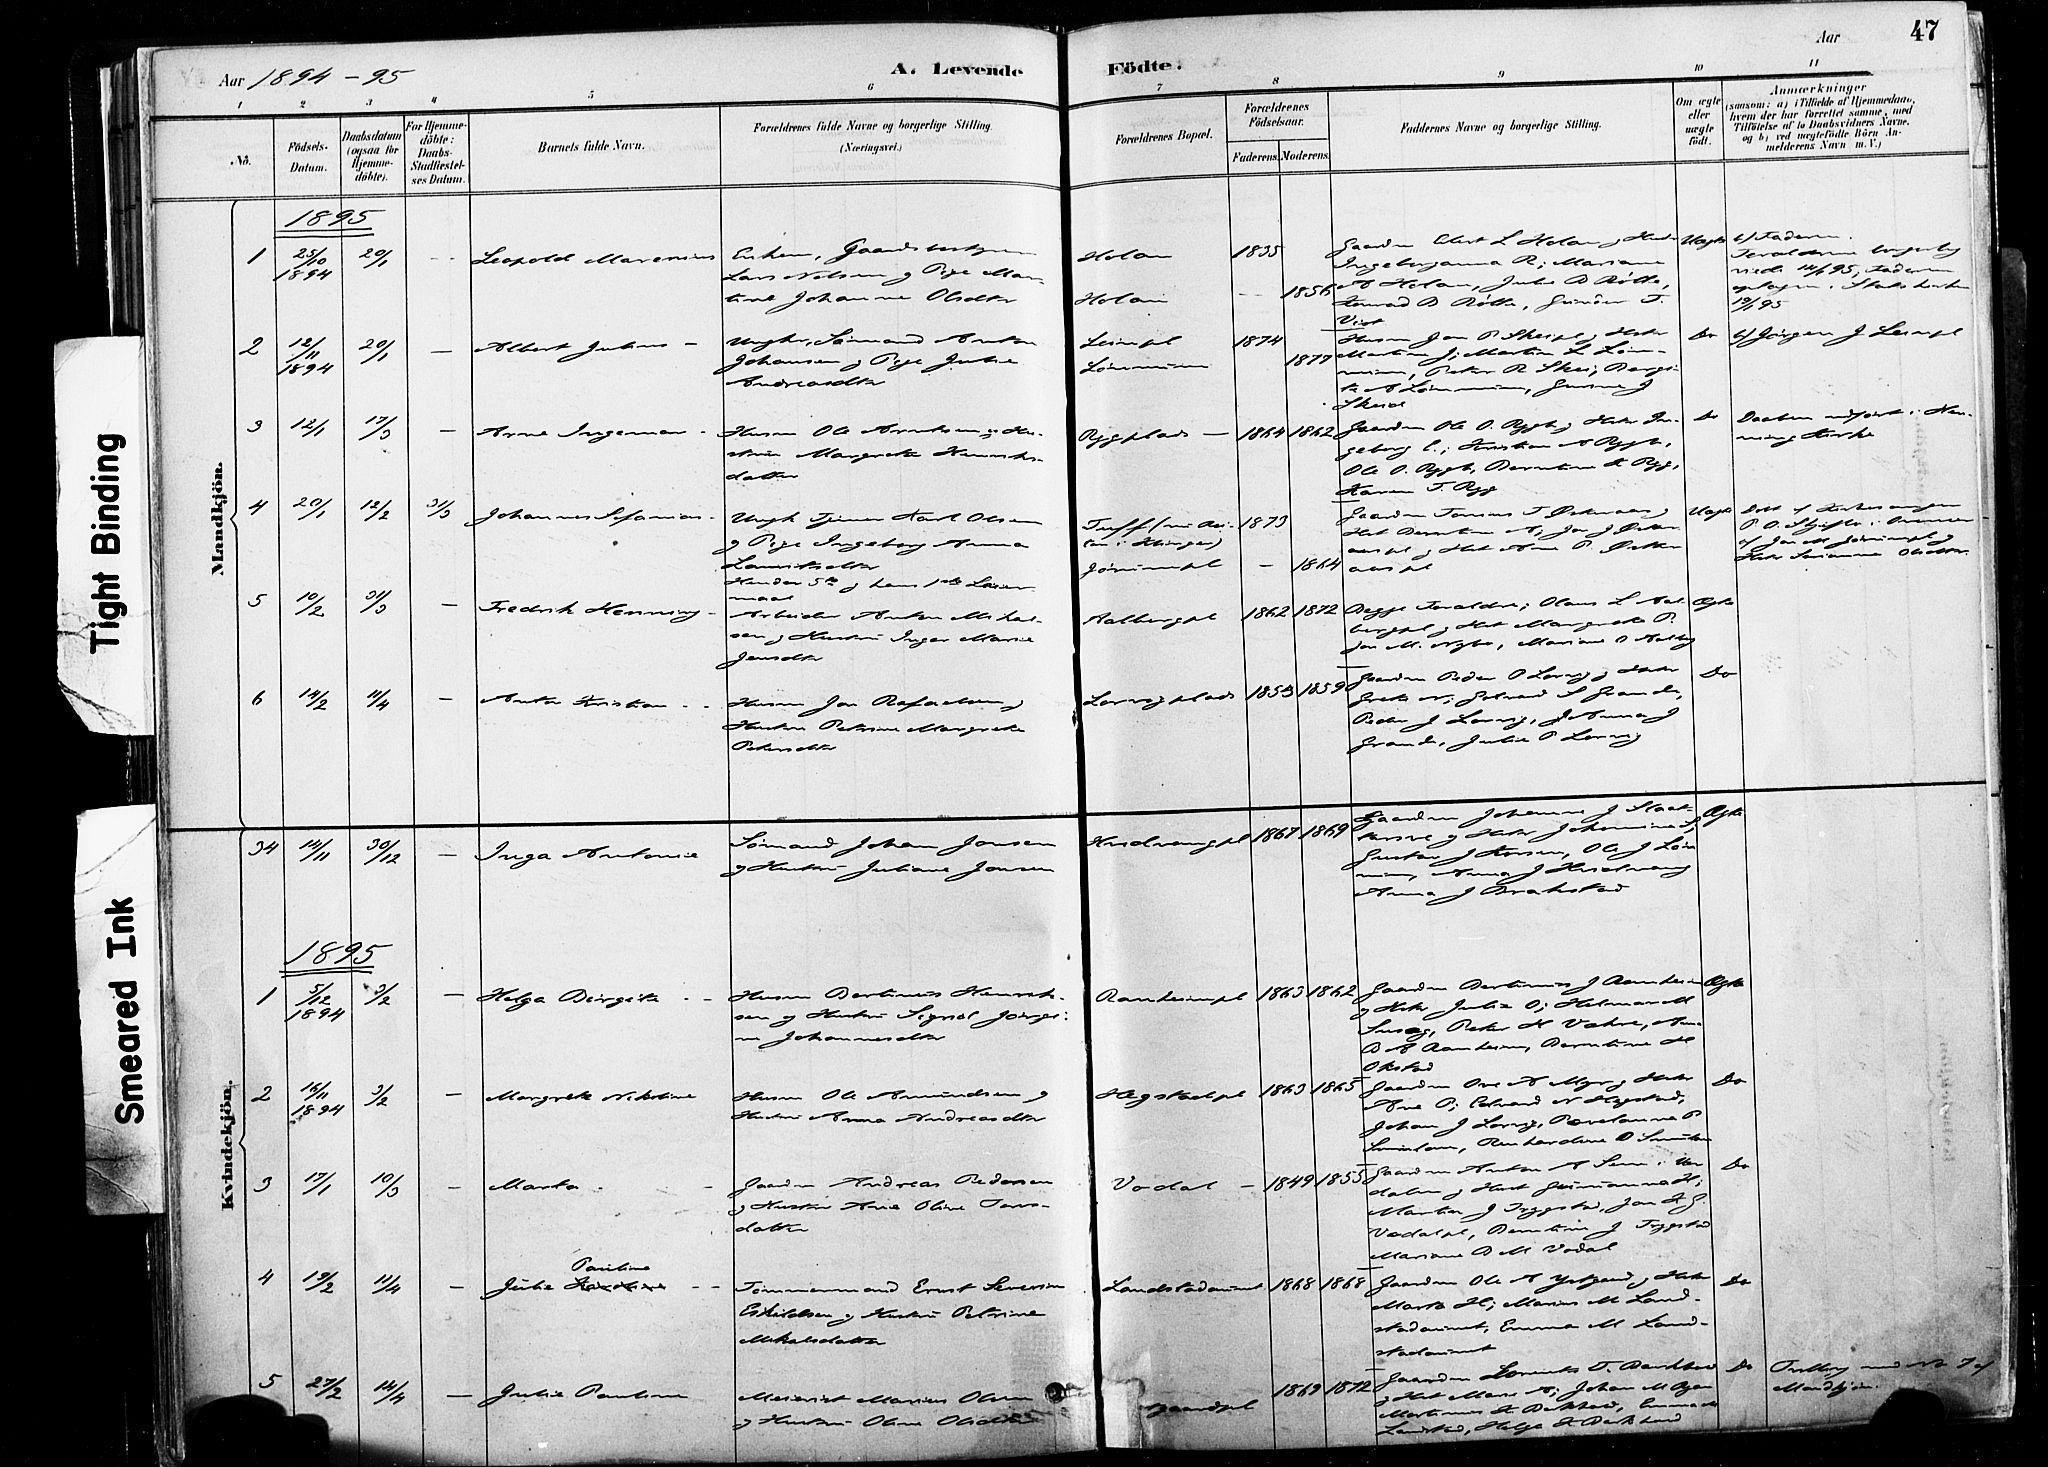 SAT, Ministerialprotokoller, klokkerbøker og fødselsregistre - Nord-Trøndelag, 735/L0351: Ministerialbok nr. 735A10, 1884-1908, s. 47